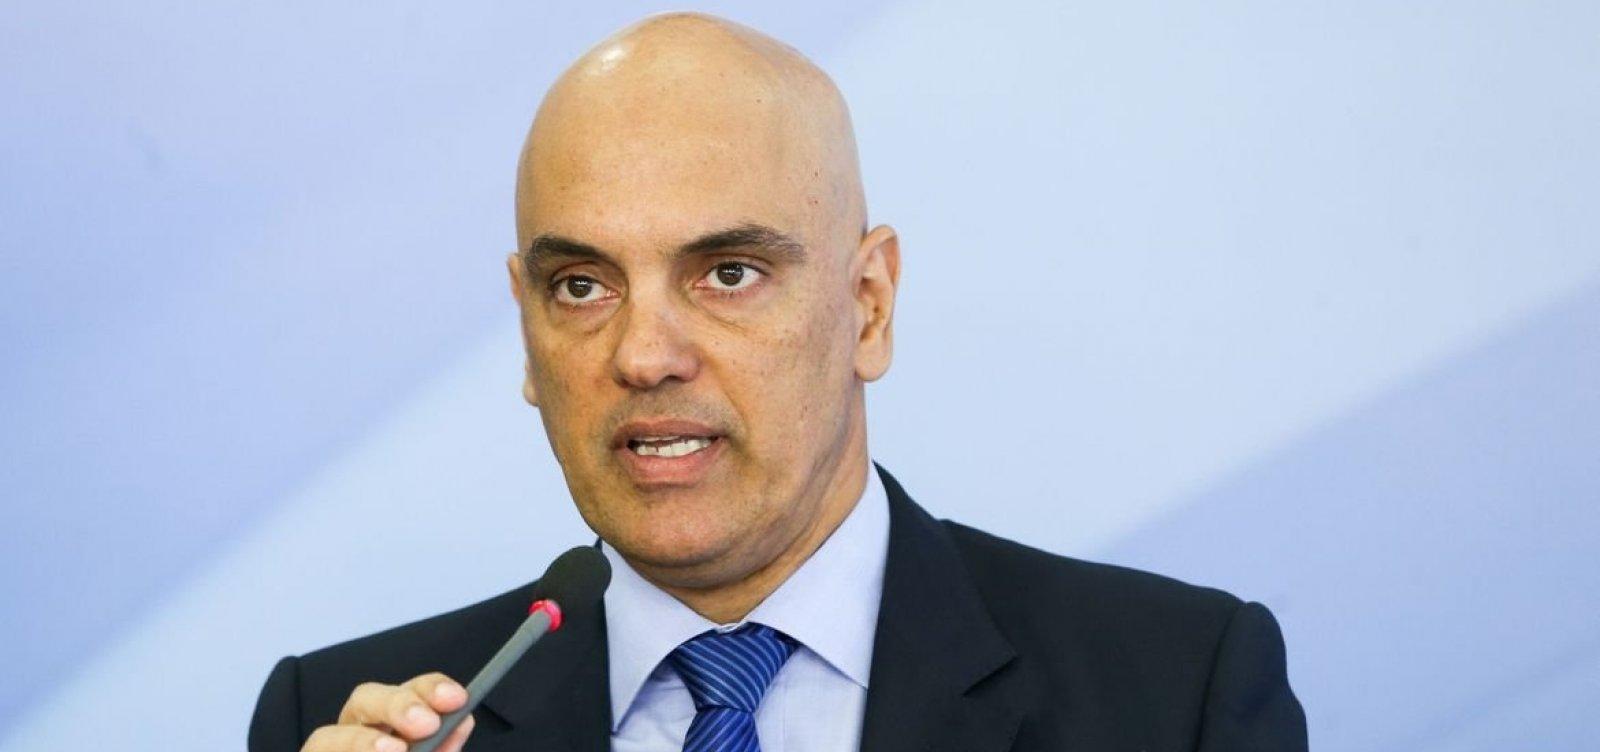 [Alexandre de Moraes manda governo retomar divulgação de dados acumulados de coronavírus]